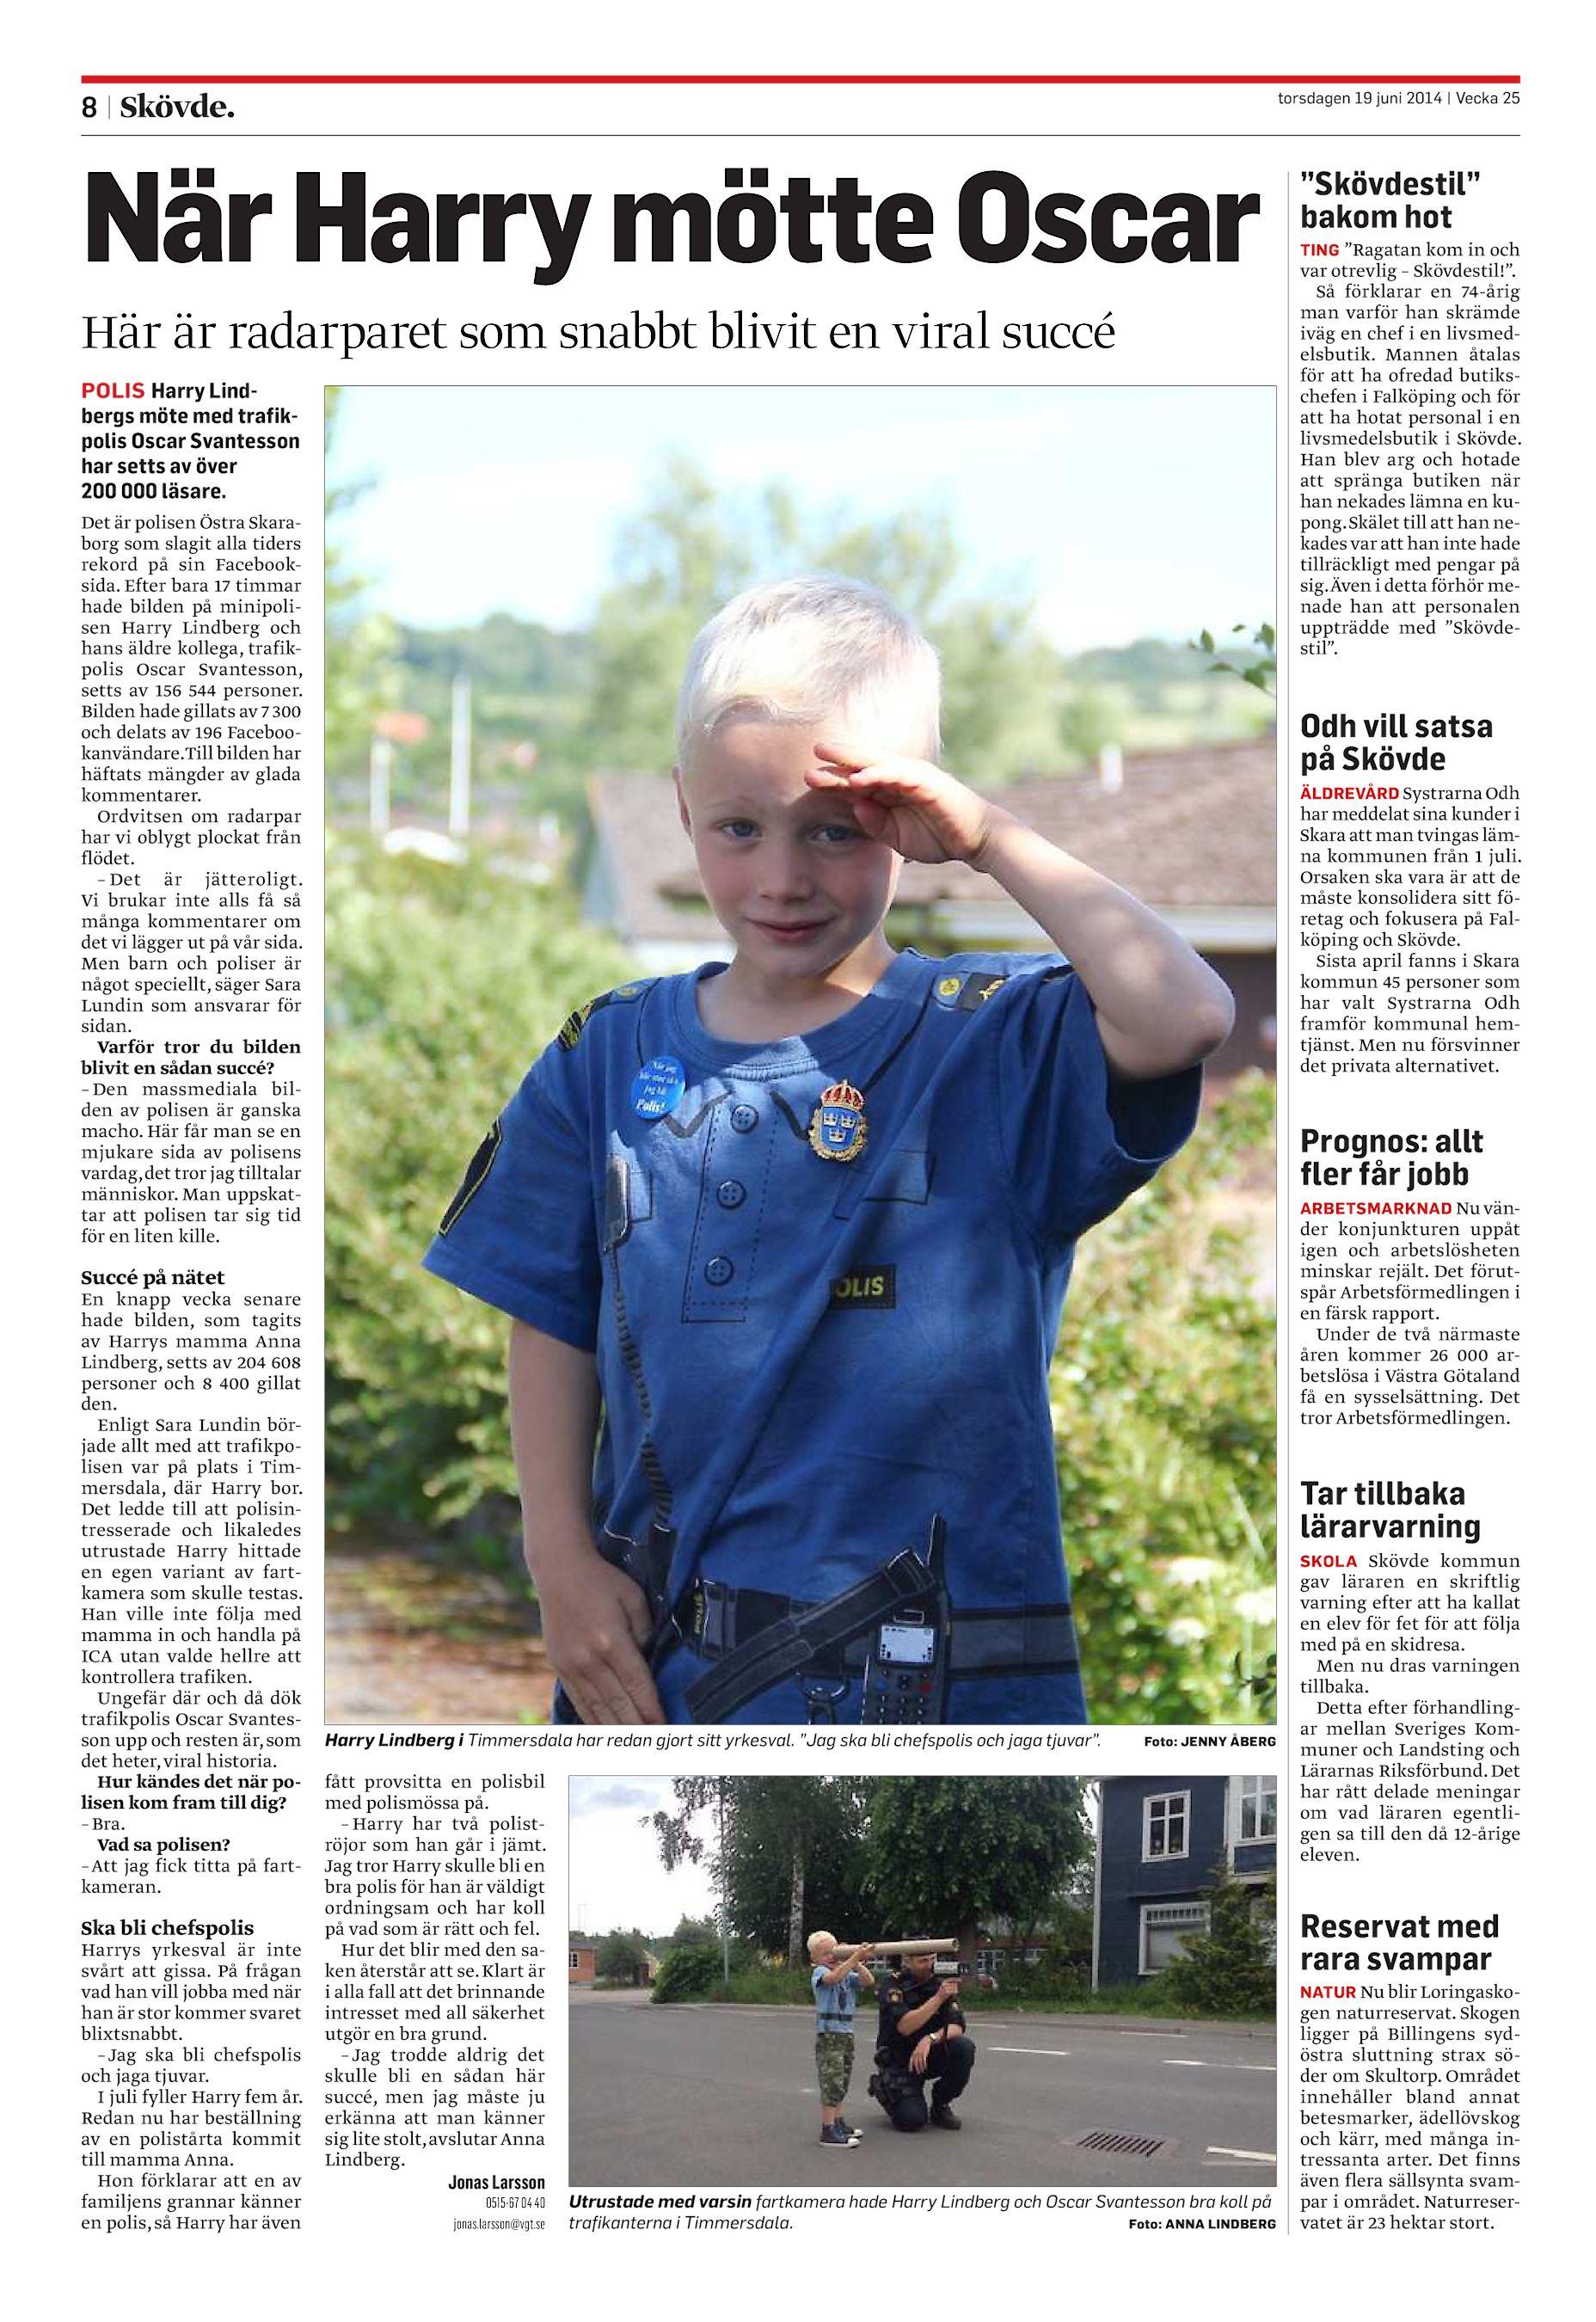 När Harry mötte Oscar Här är radarparet som snabbt blivit en viral succé  POLIS Harry Lindbergs möte med trafikpolis Oscar Svantesson har ... 468b5e7f93b4e